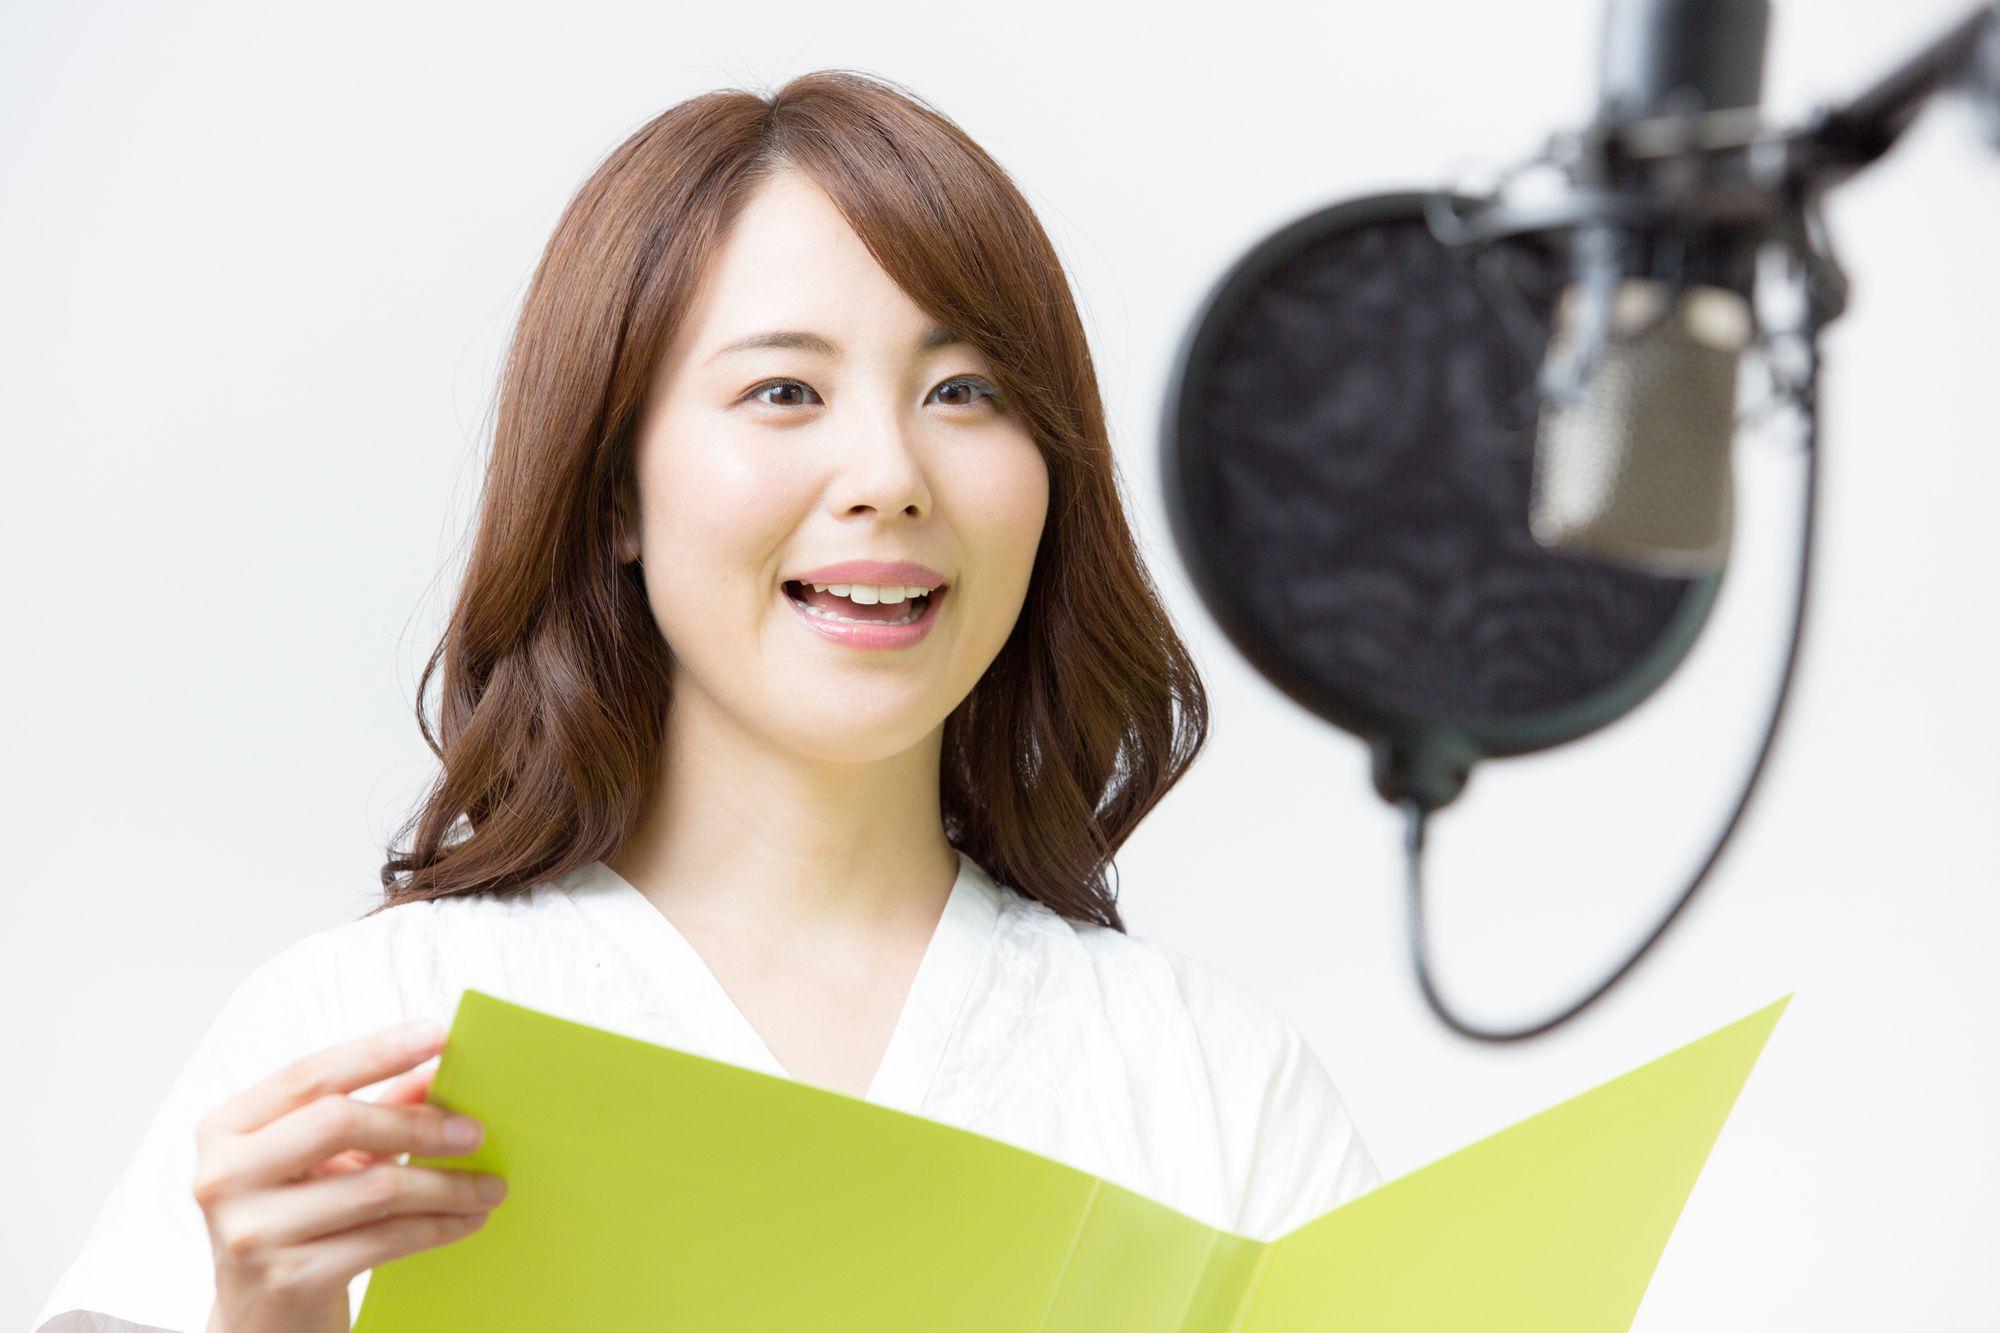 声優を目指す人のための訛り矯正方法とは?